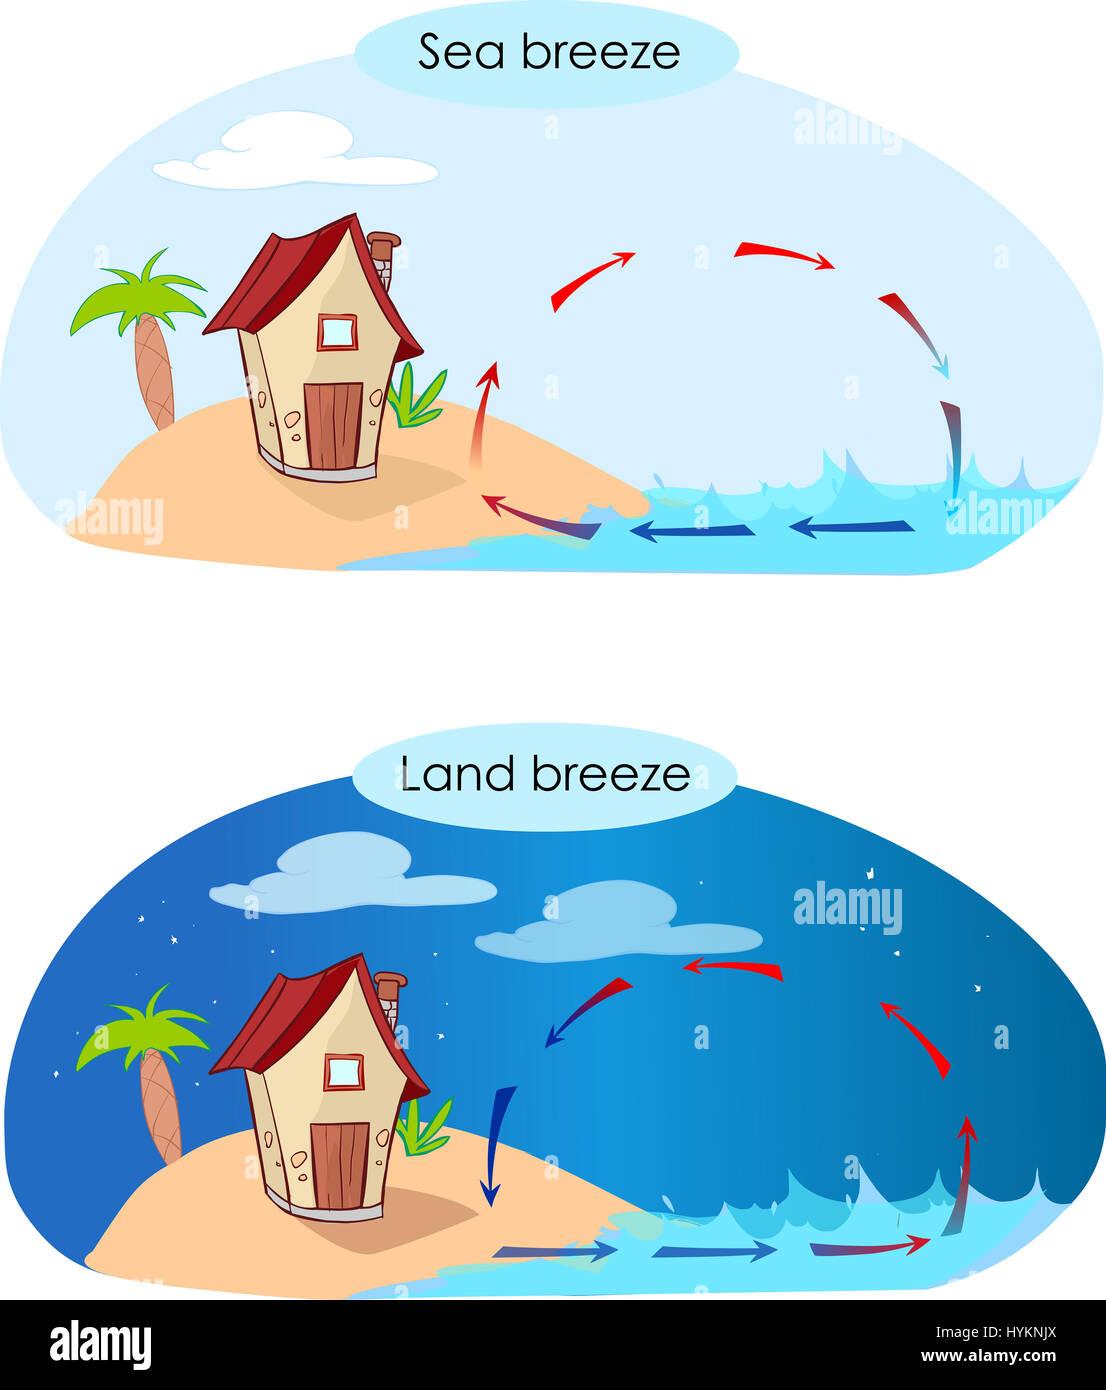 Illustratiion Vectorial De Una Brisa Marina Y La Brisa